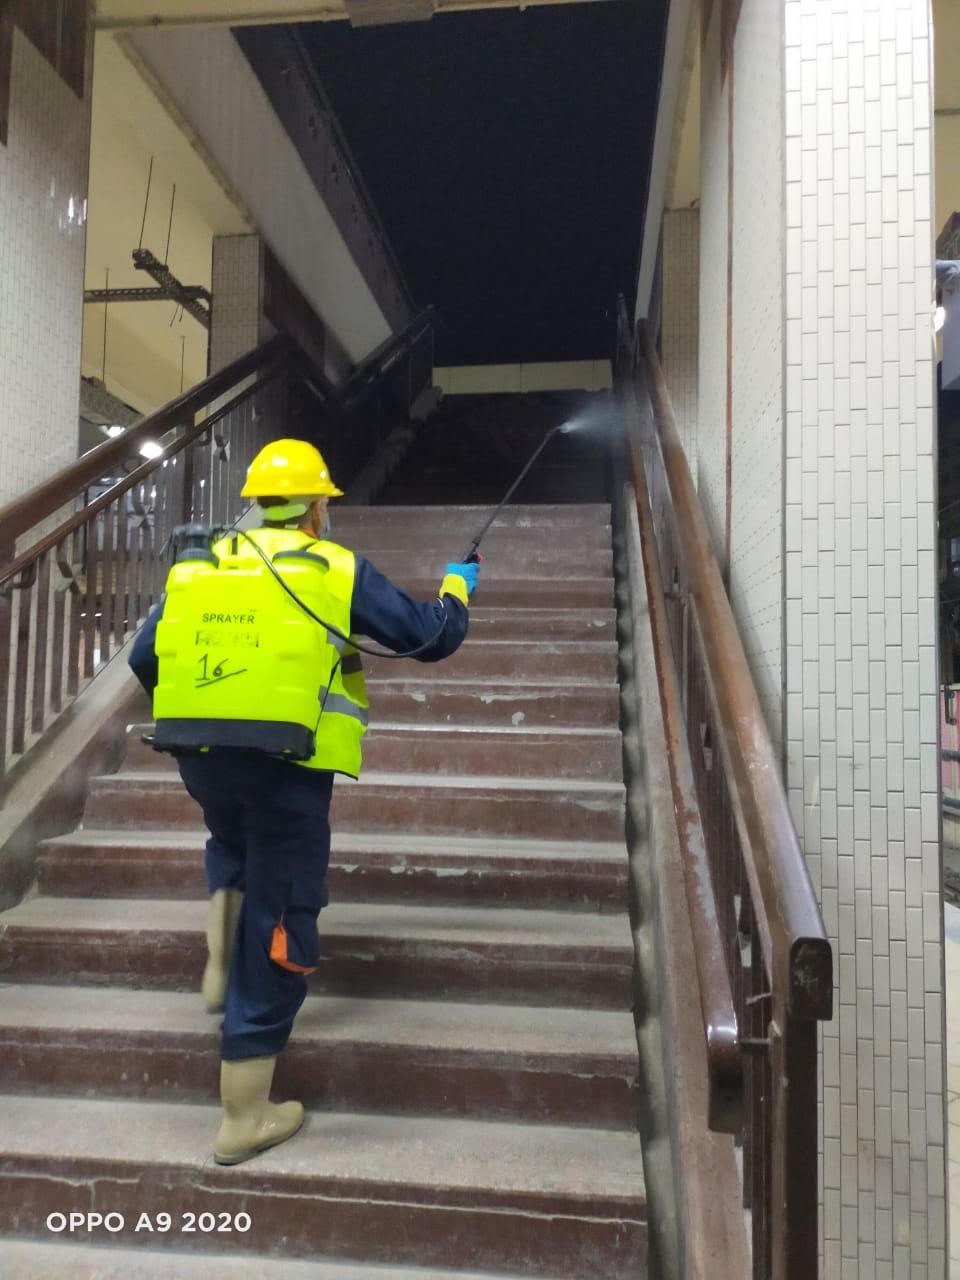 المترو يواصل أعمال تعقيم وتطهير القطارات والمحطات ضد كورونا (17)